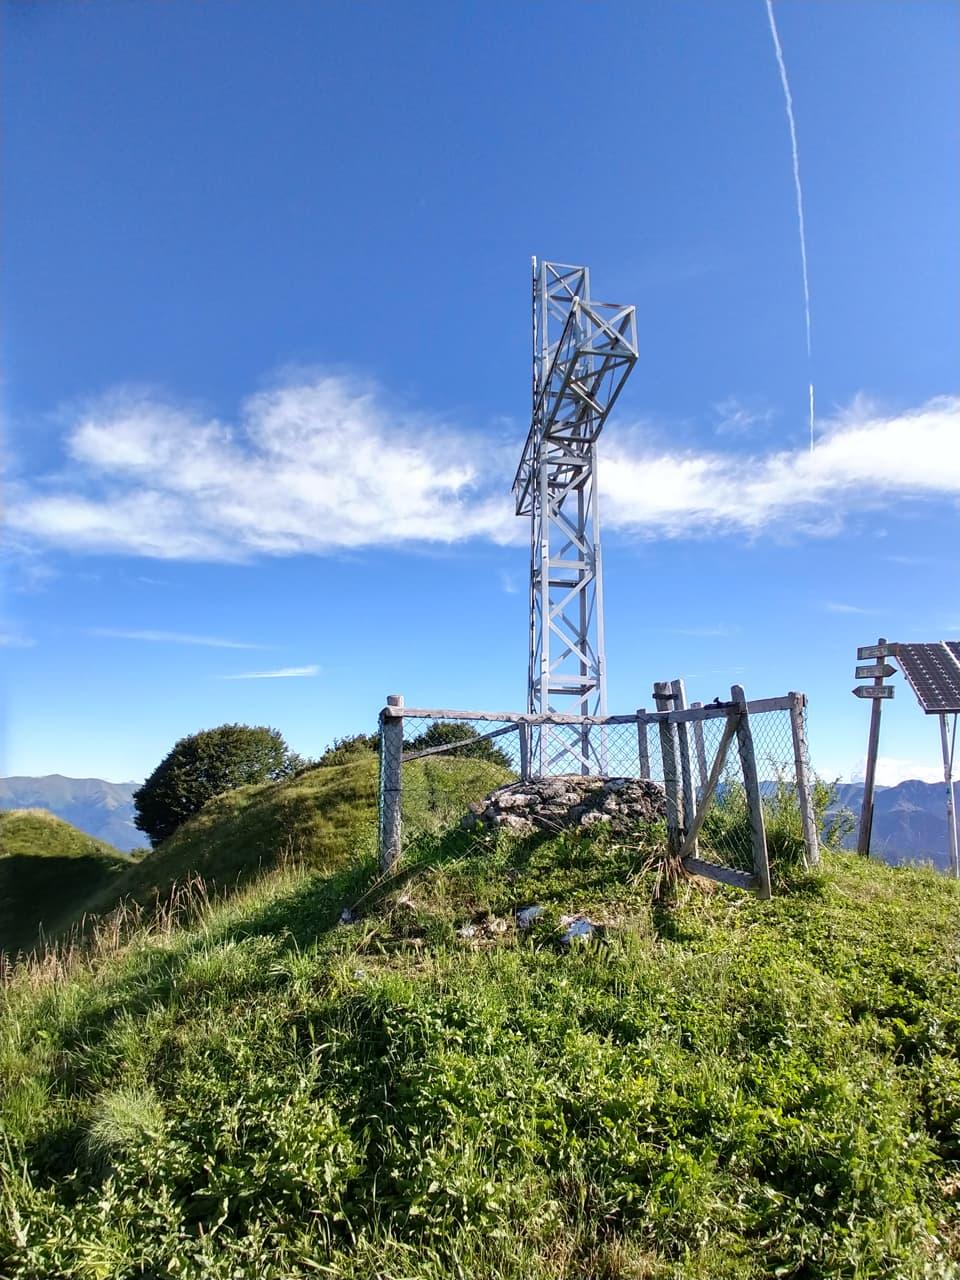 Sull'esile cresta del Monte Palo svetta questa bella Croce metallica